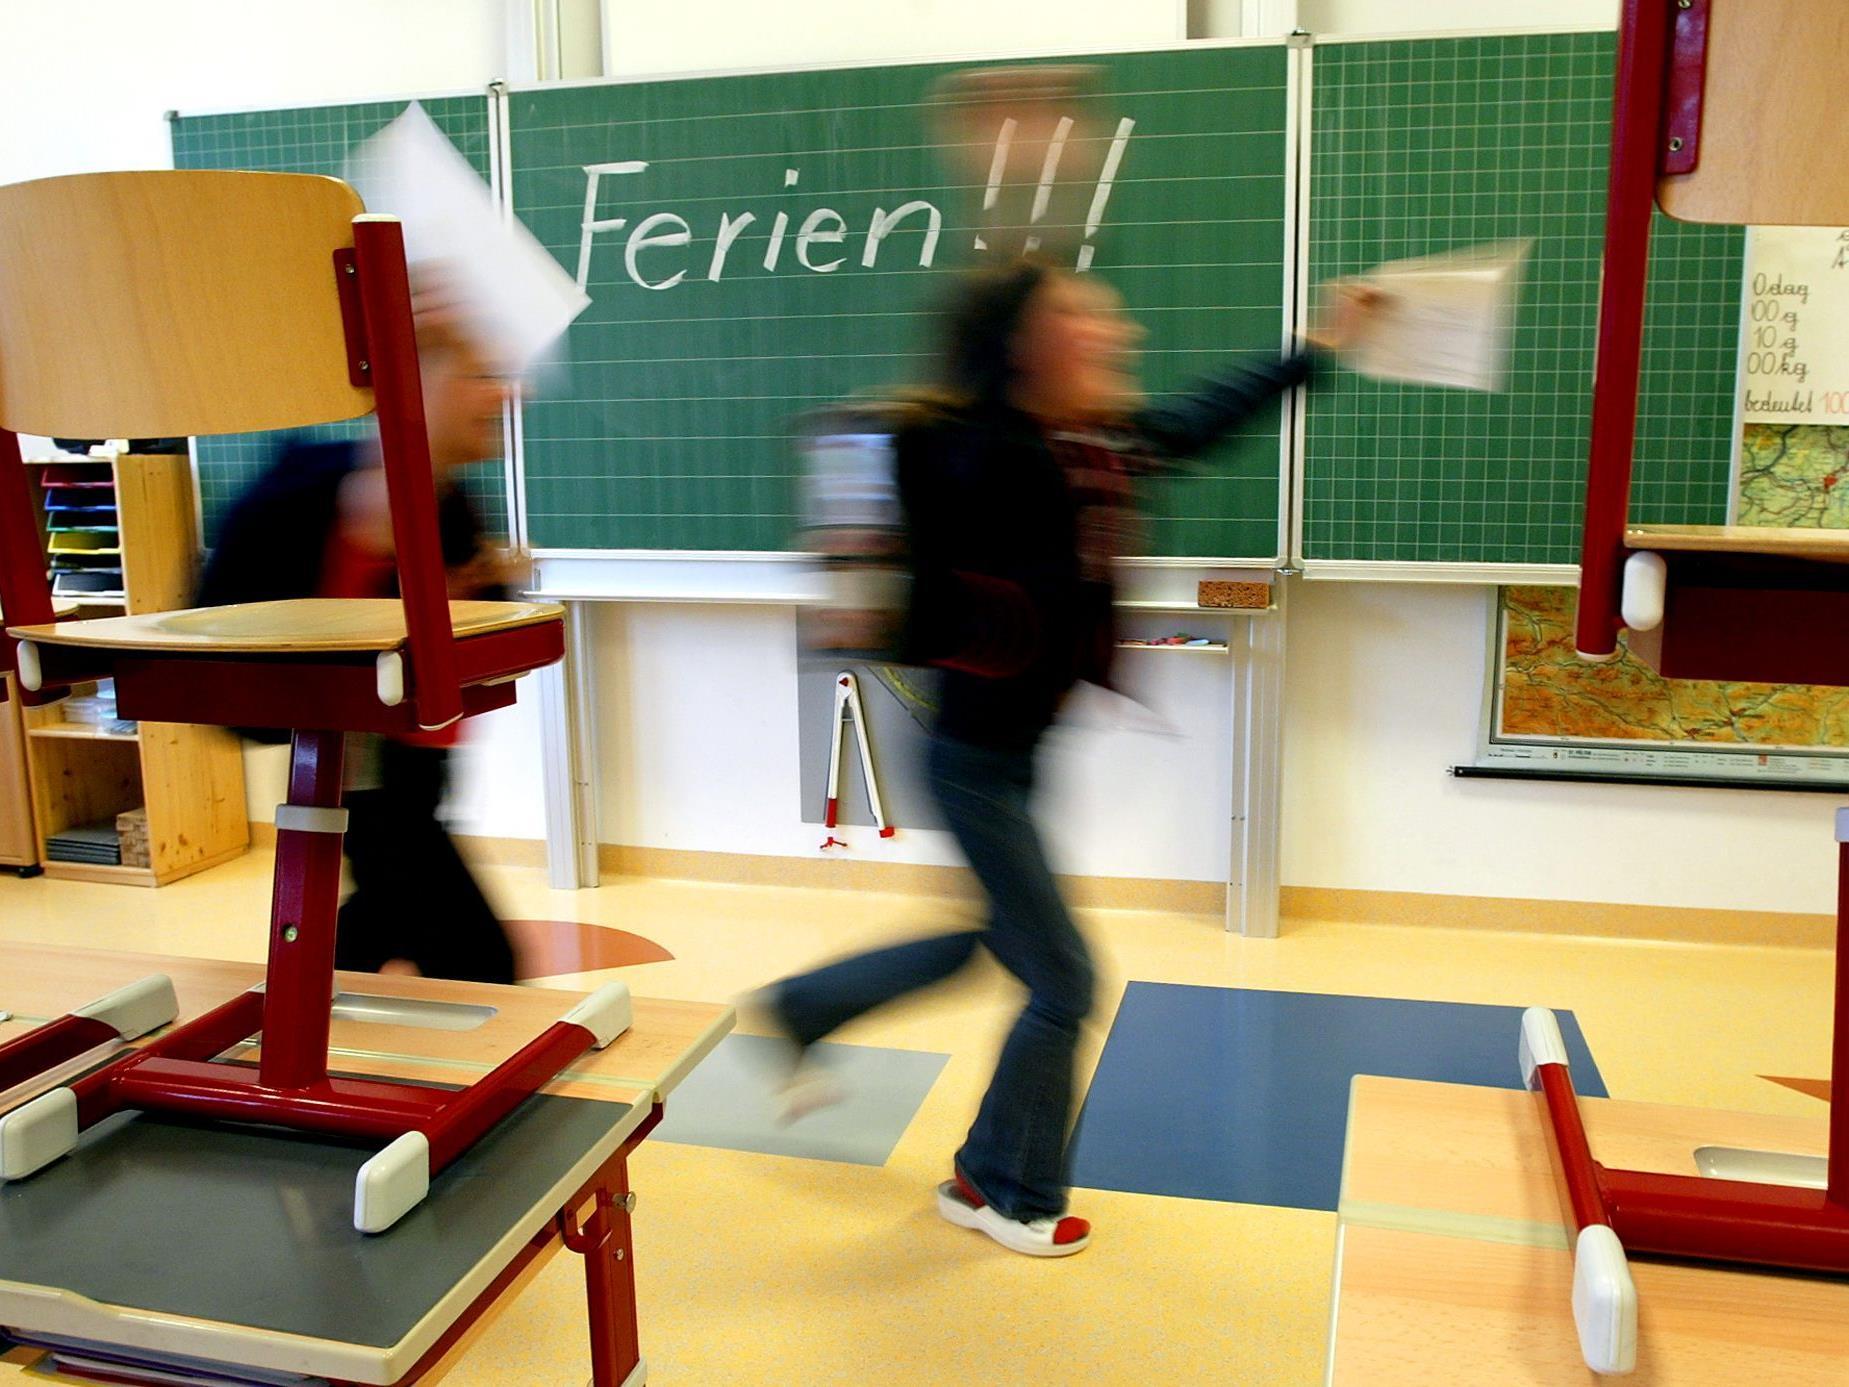 Staus rund um Wien zu erwarten - DIe Sommerferien beginnen